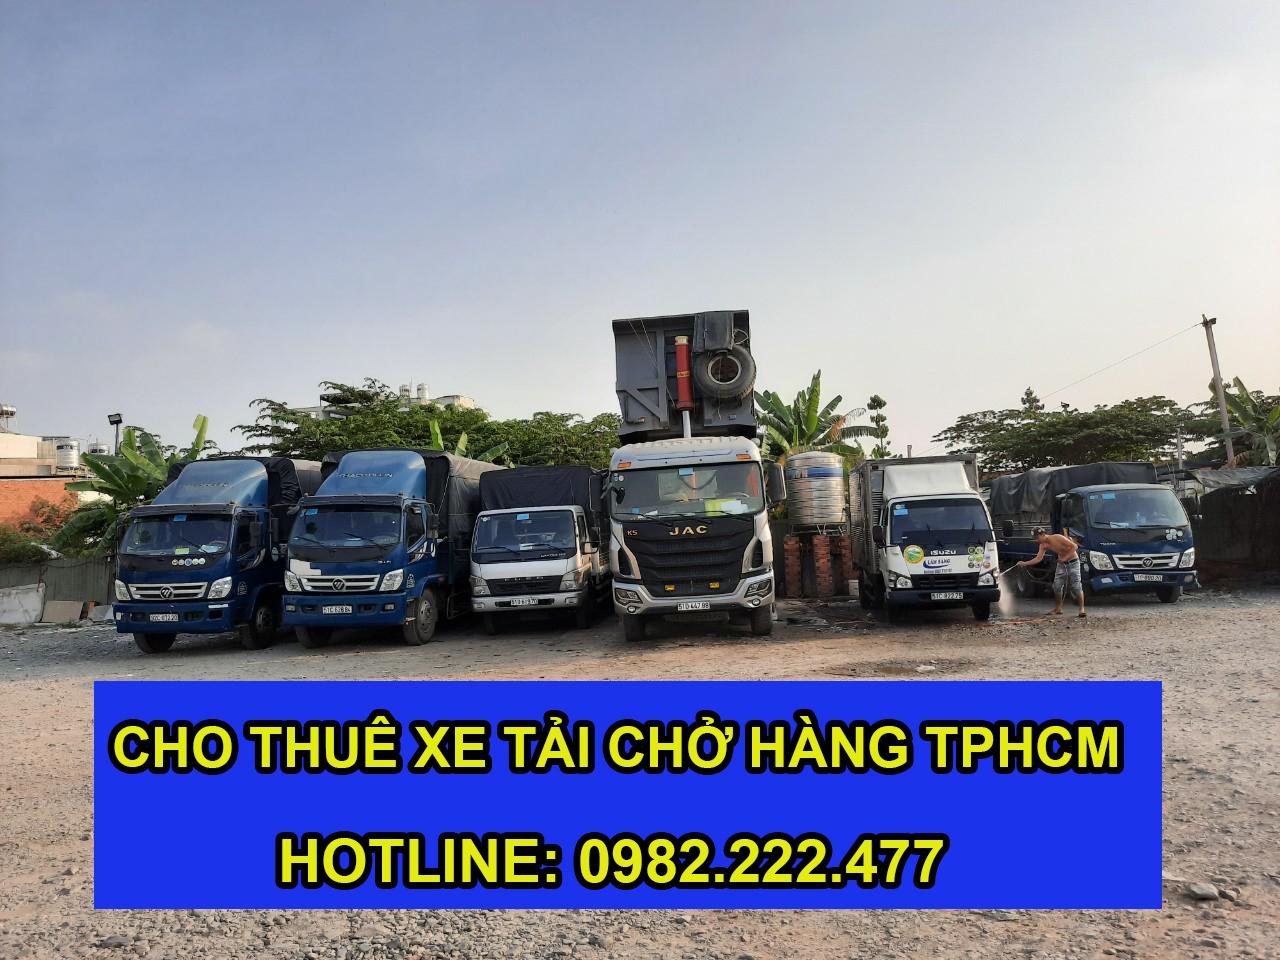 Dịch vụ cho thuê xe tải chở hàng giá rẻ tphcm